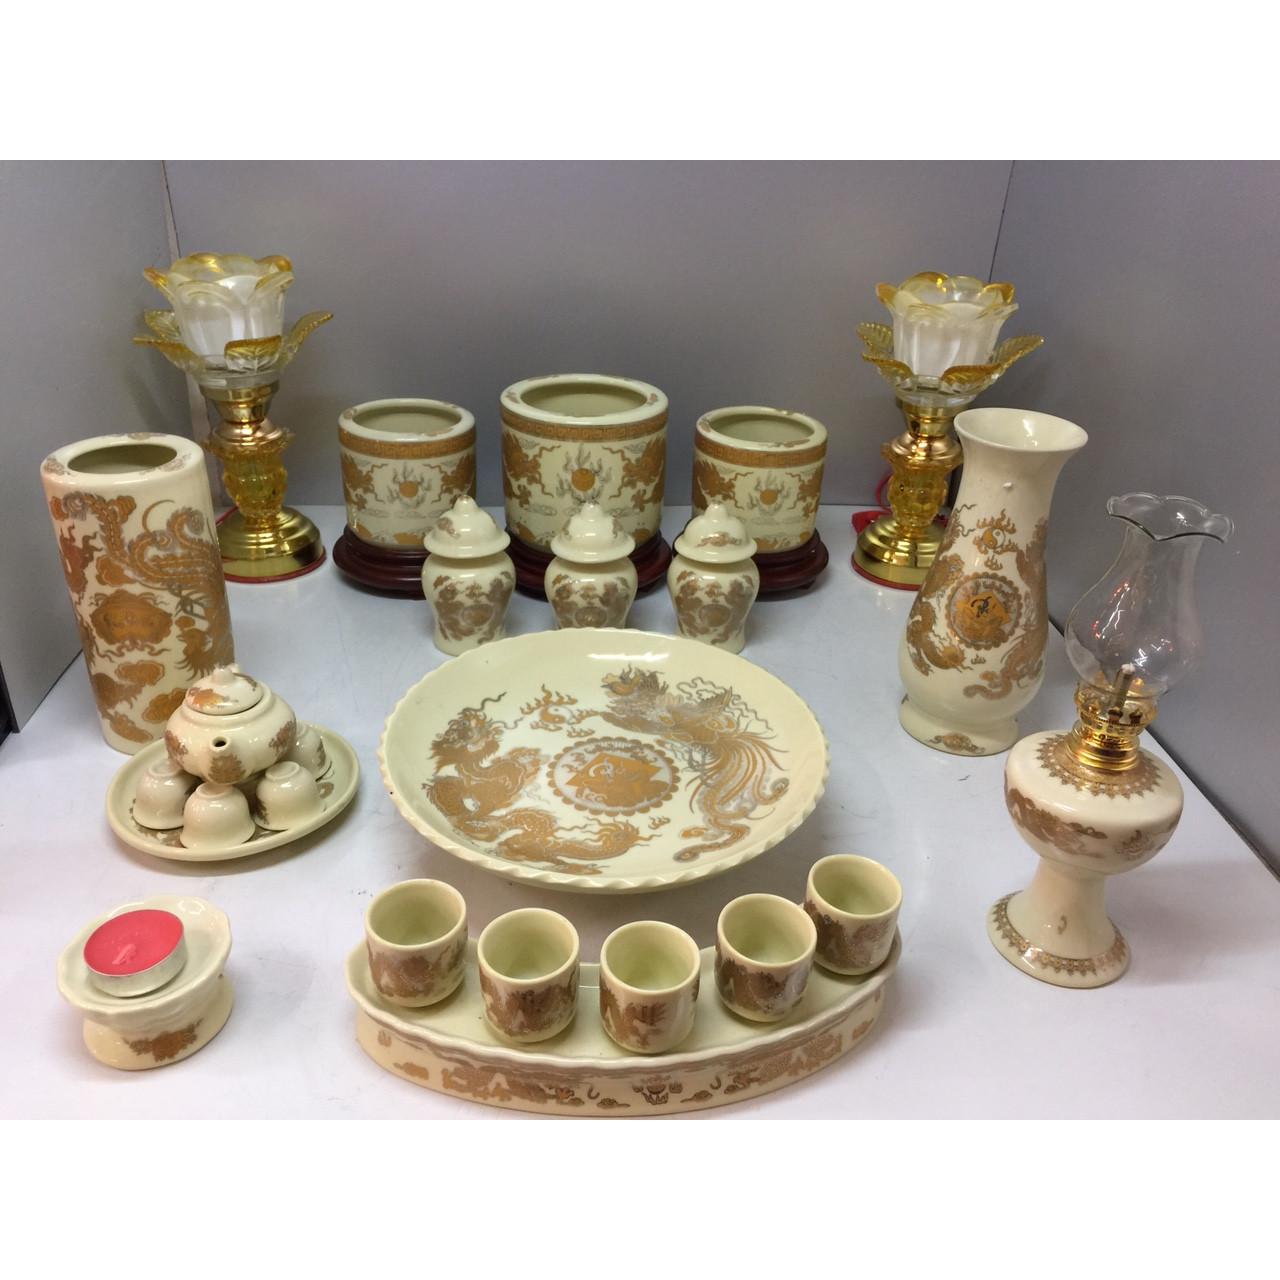 Bộ bát hương thờ rồng vàng ( gốm sứ bát tràng cao cấp)  comboo cả bộ 3 Bát hương + tặng tro đủ bát hương tặng nước sái tịnh đồ thờ